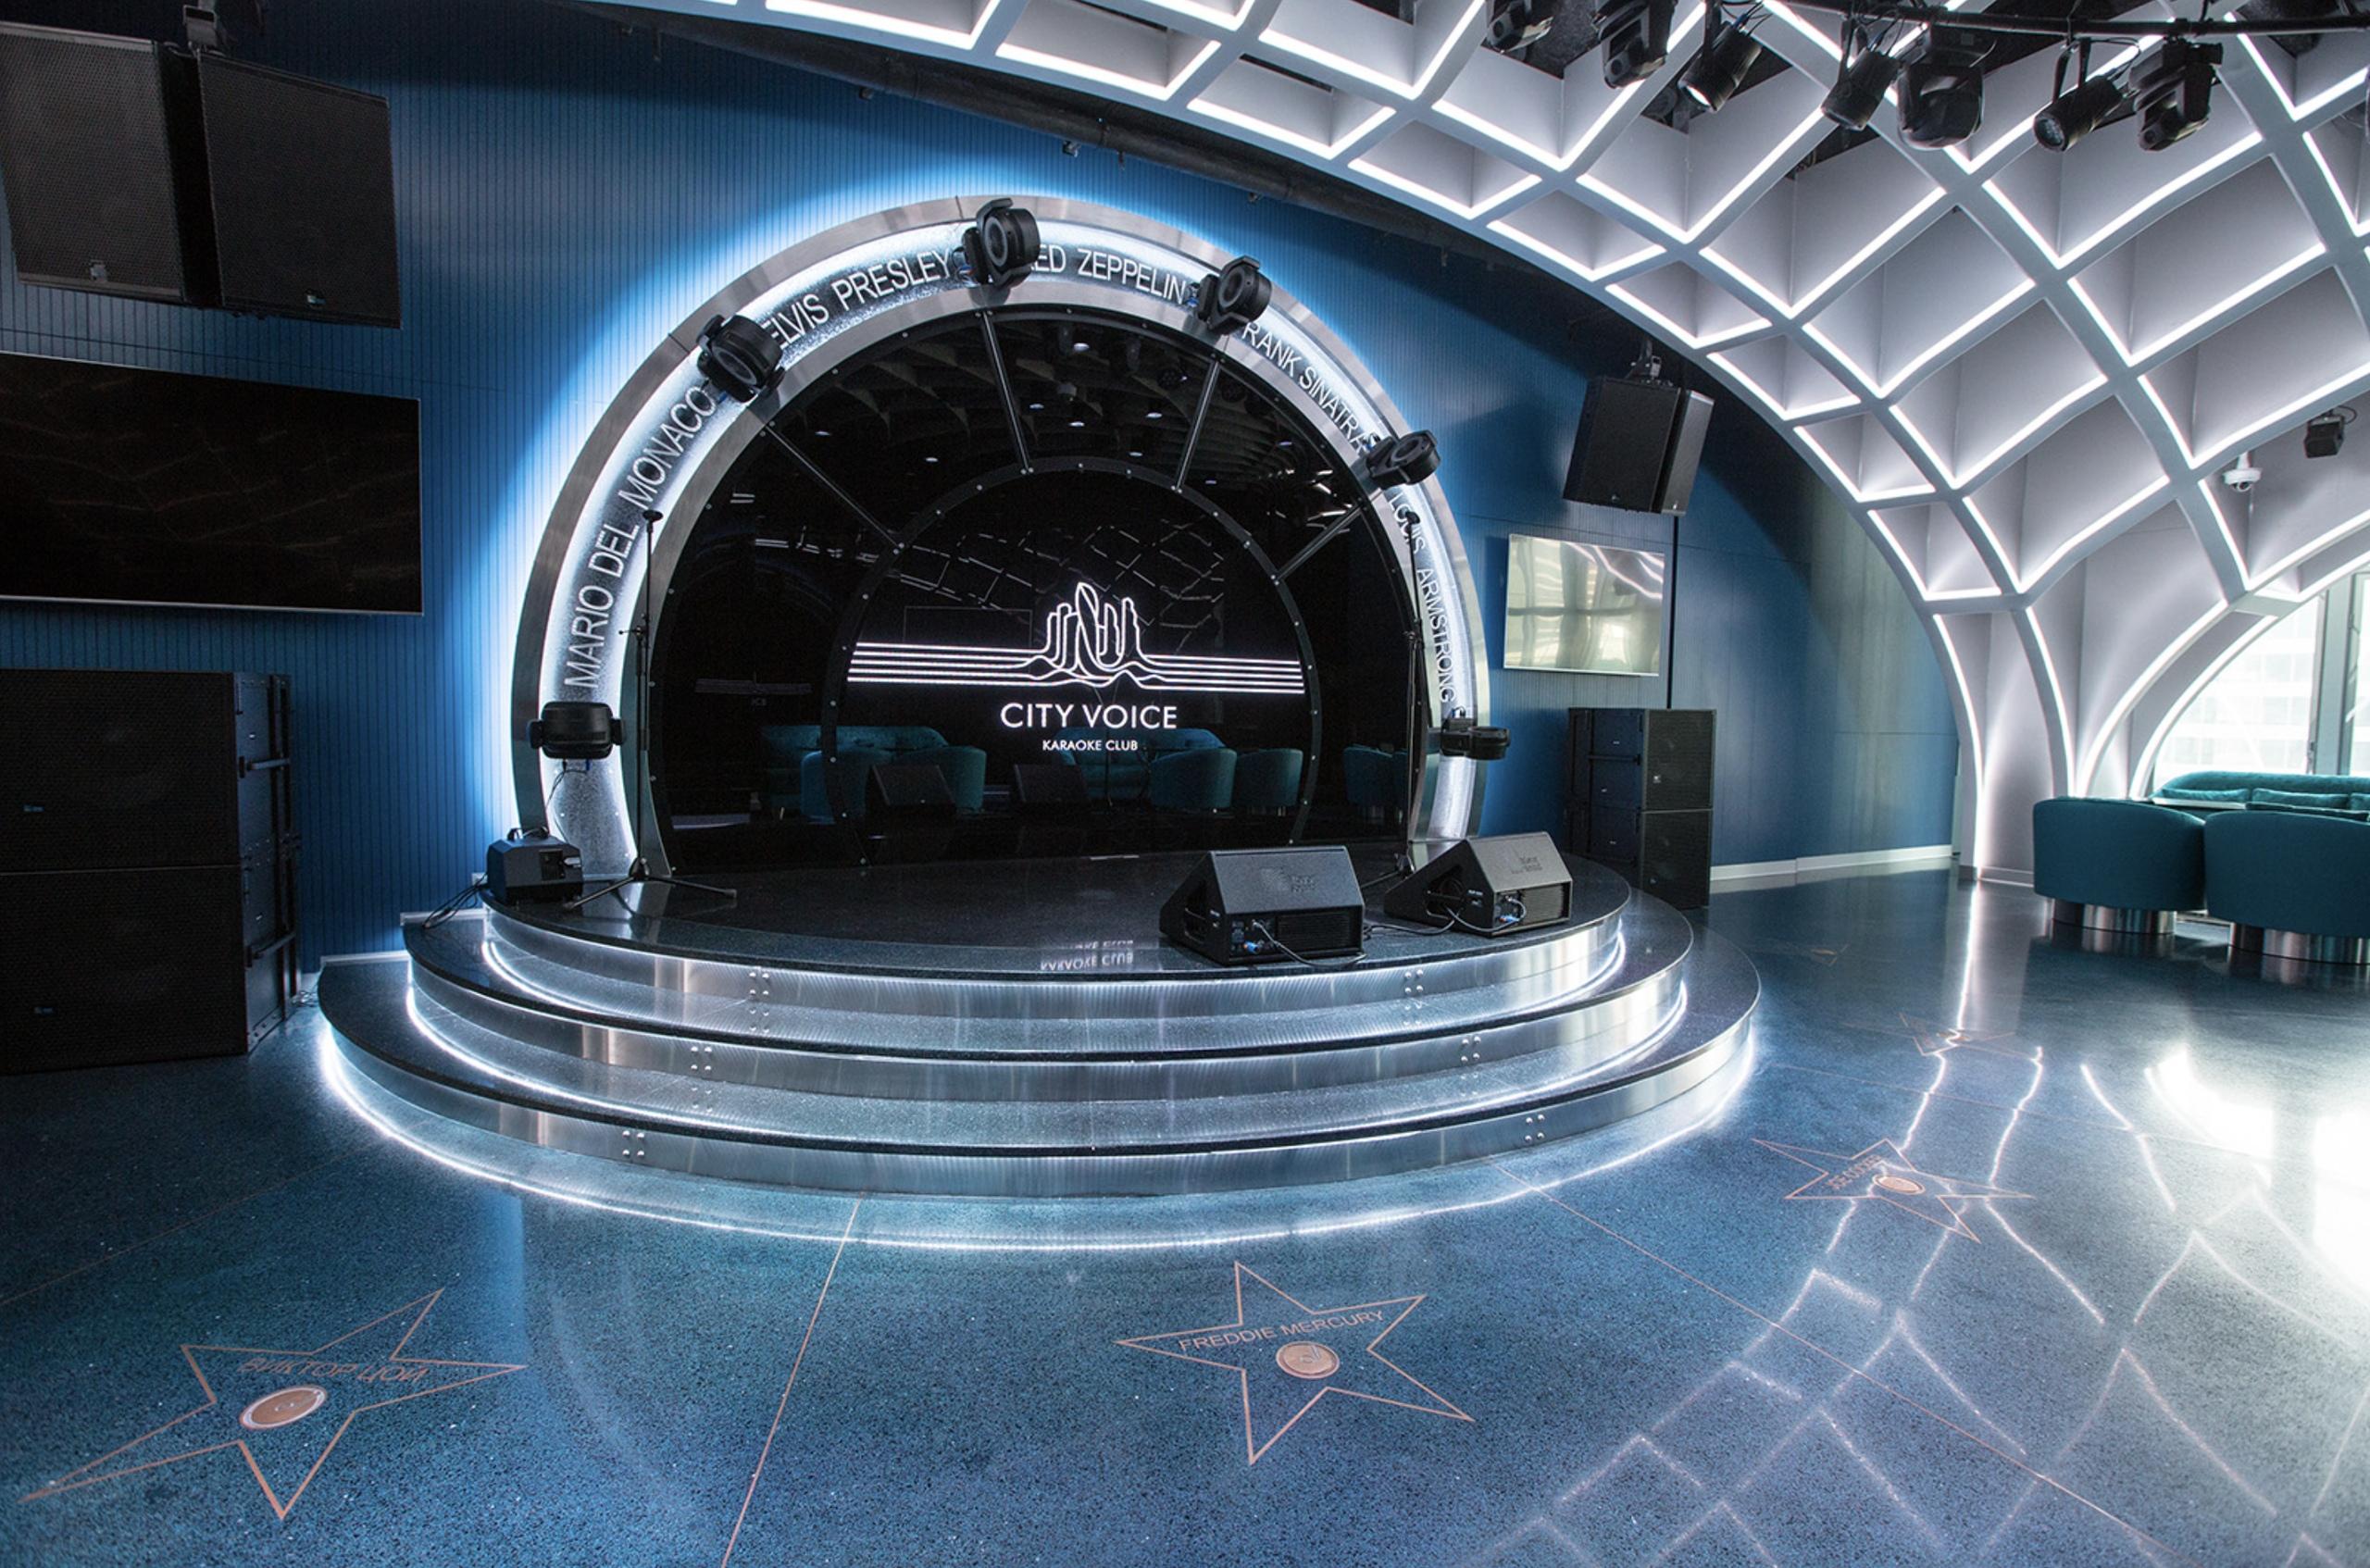 караоке бар без депозита в москве